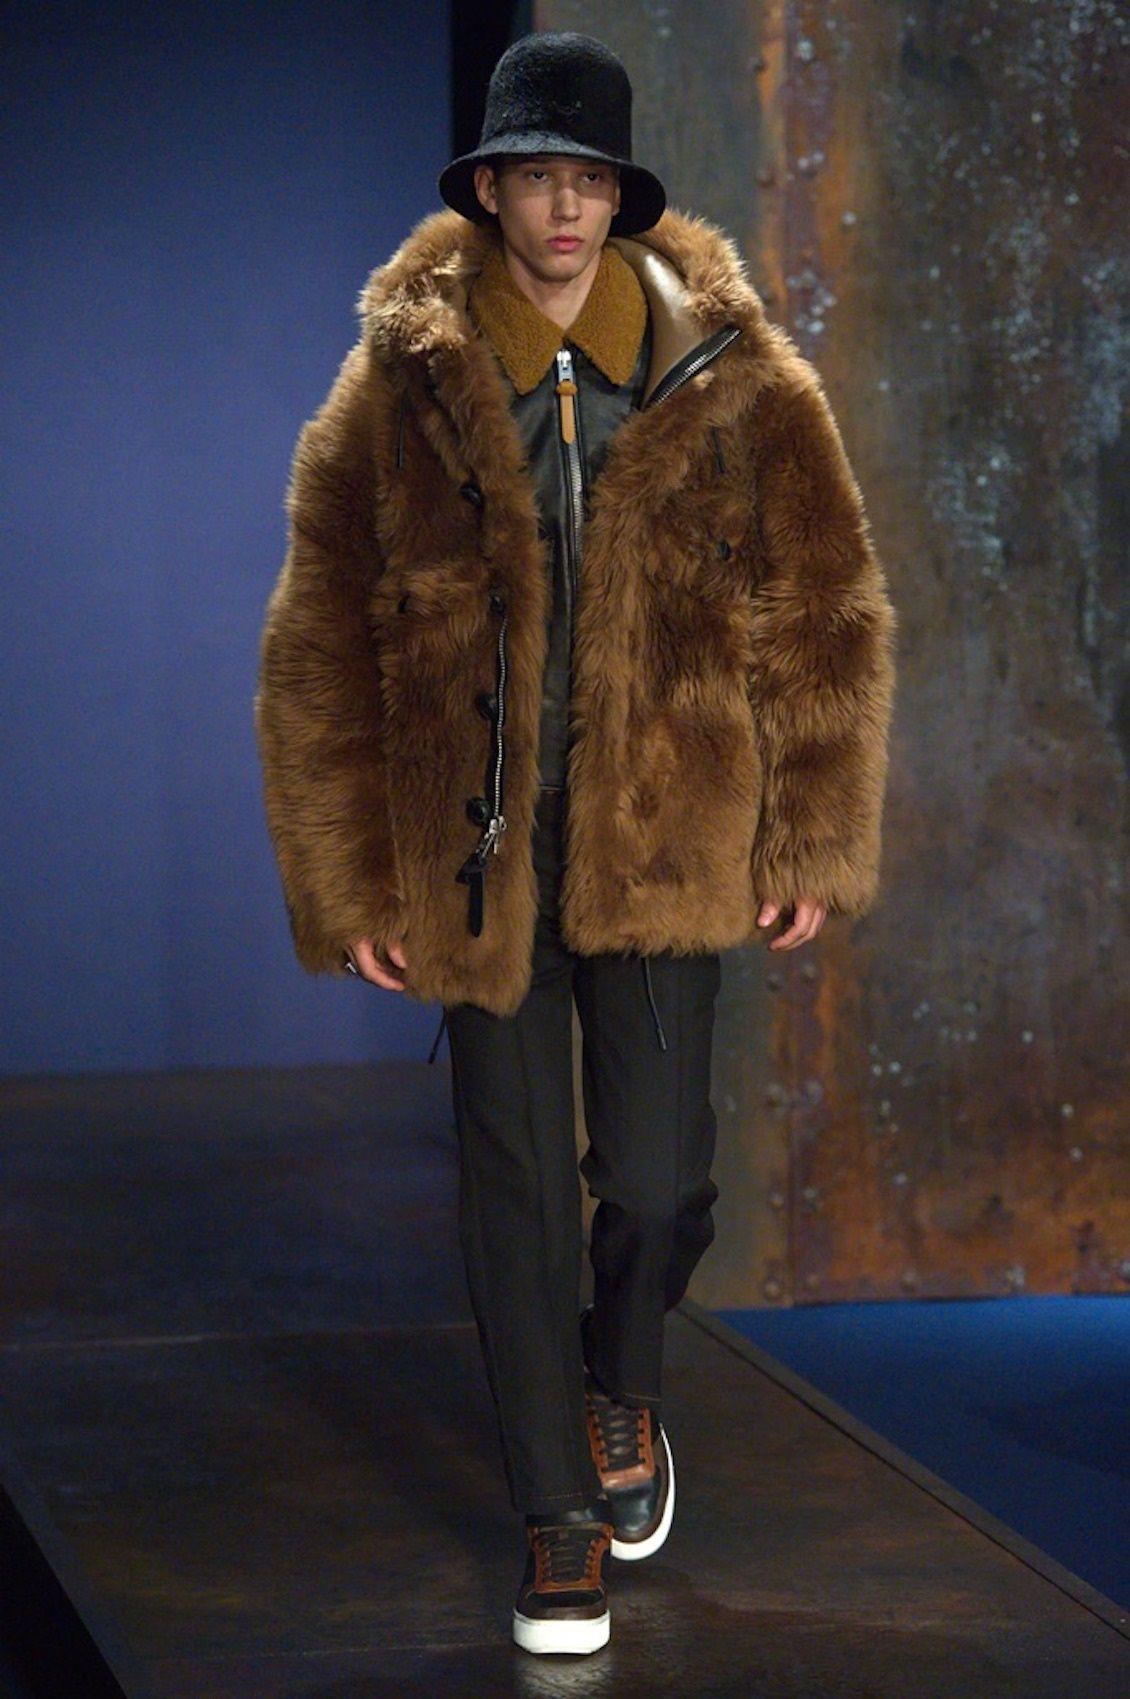 f3c1da12da Man in Fur Coat | Fashion !!! Men's !!! in 2019 | Fall fashion 2016 ...